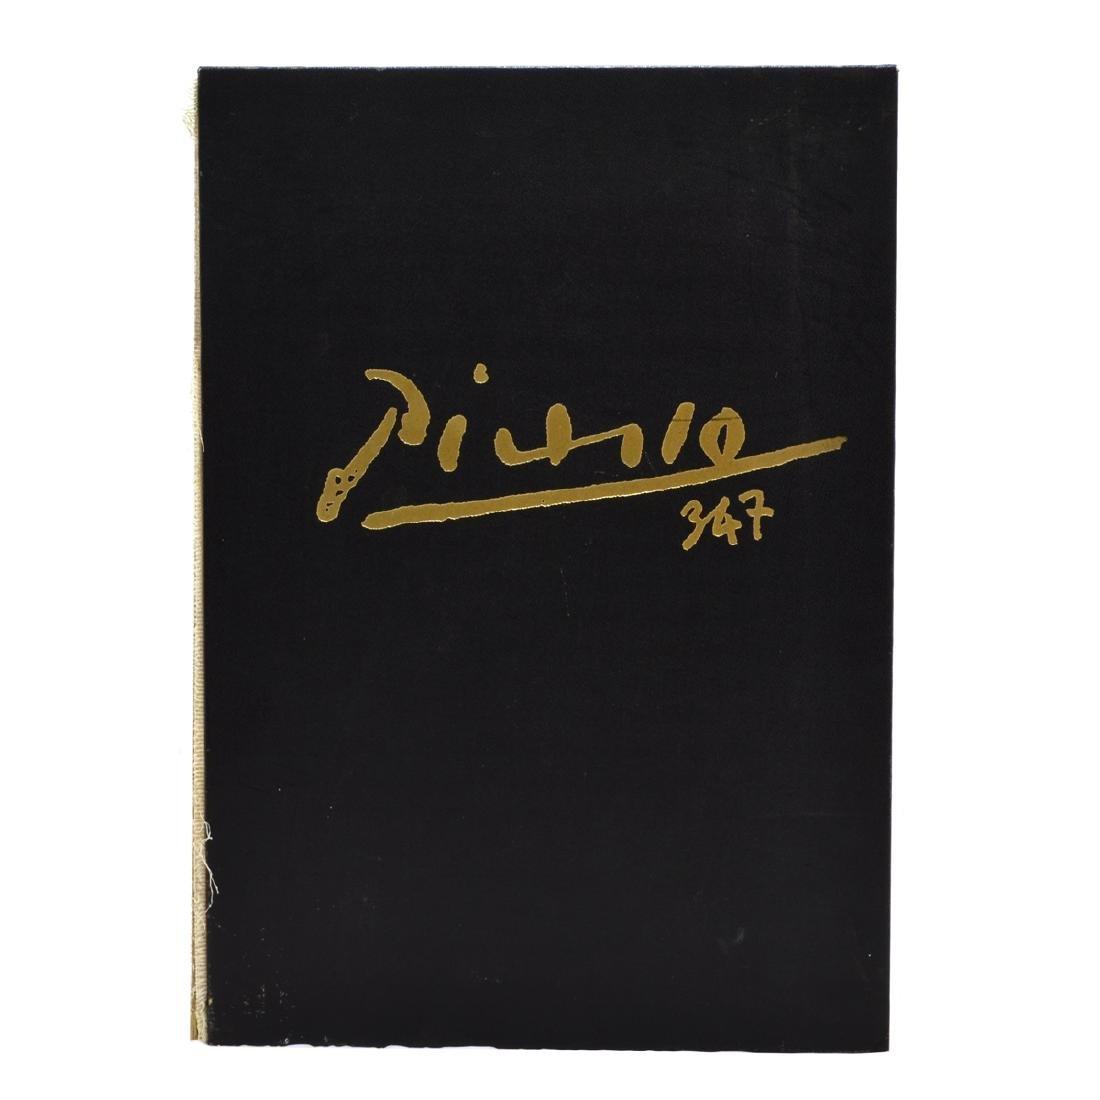 Very Original 2 Book Set Of Picasso Original Books 347